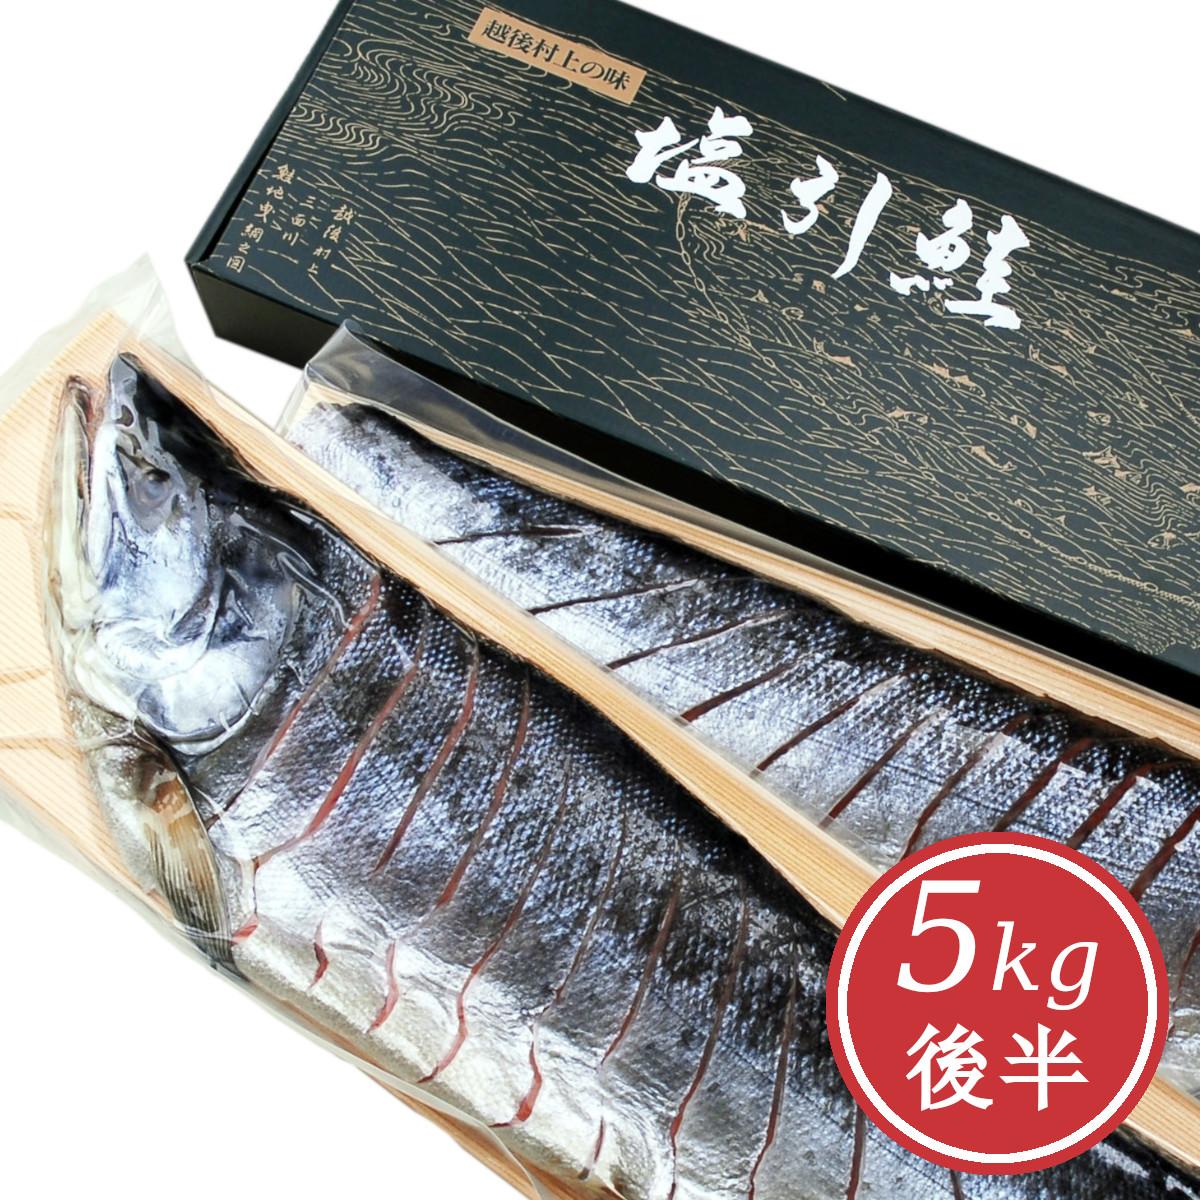 塩引鮭(塩引き鮭)切身姿造り5kg後半